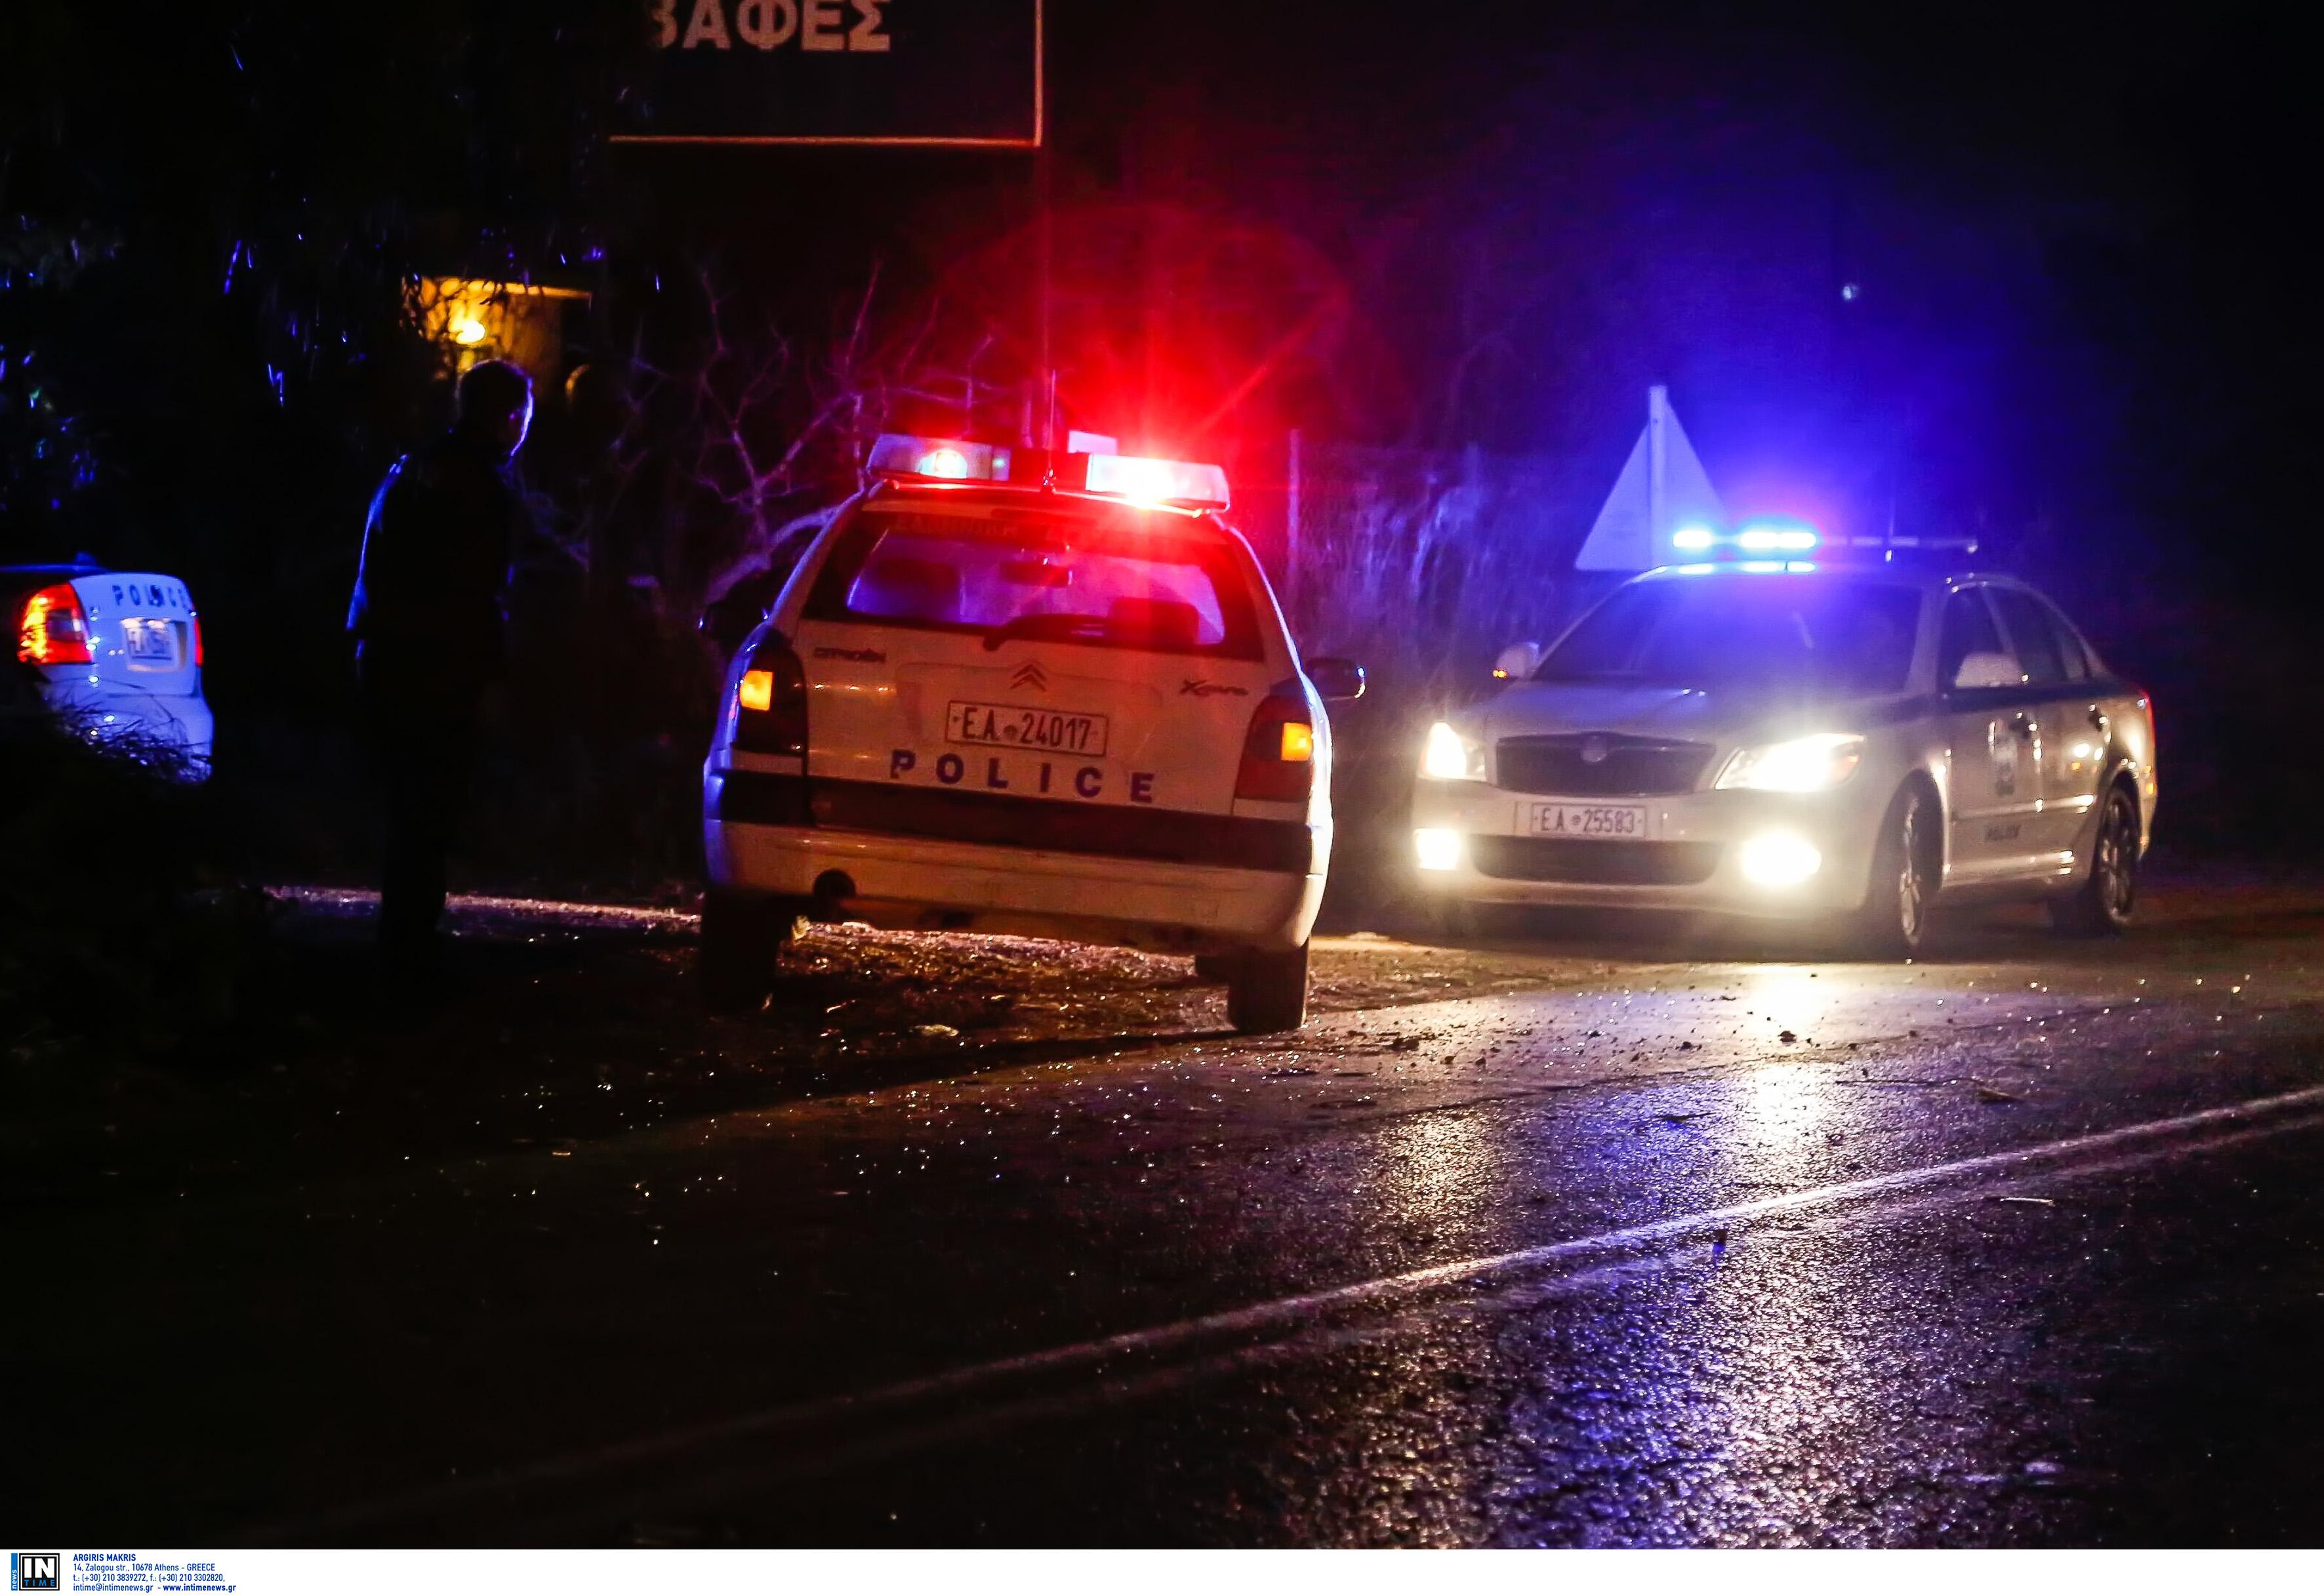 """Χαϊδάρι: Μπαράζ πυροβολισμών!  """"Γάζωσαν"""" αυτοκίνητο με άστεγο"""